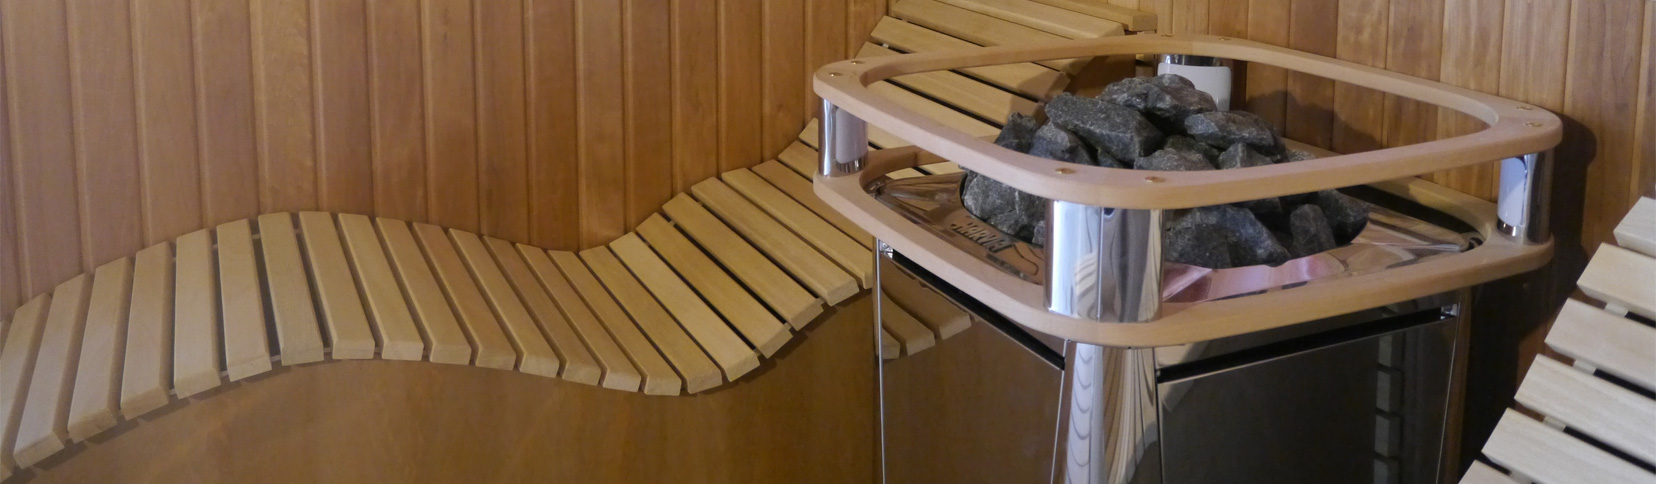 sauna feeling